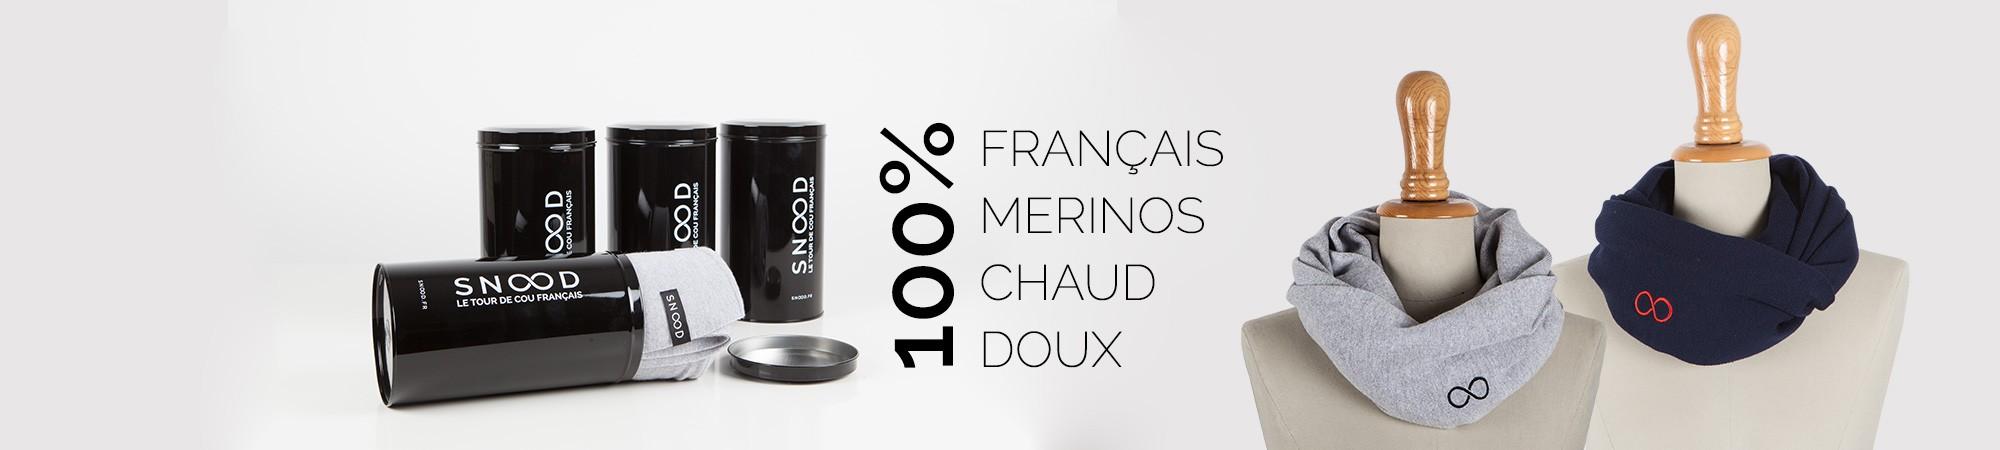 Les snoods merinos 100% français